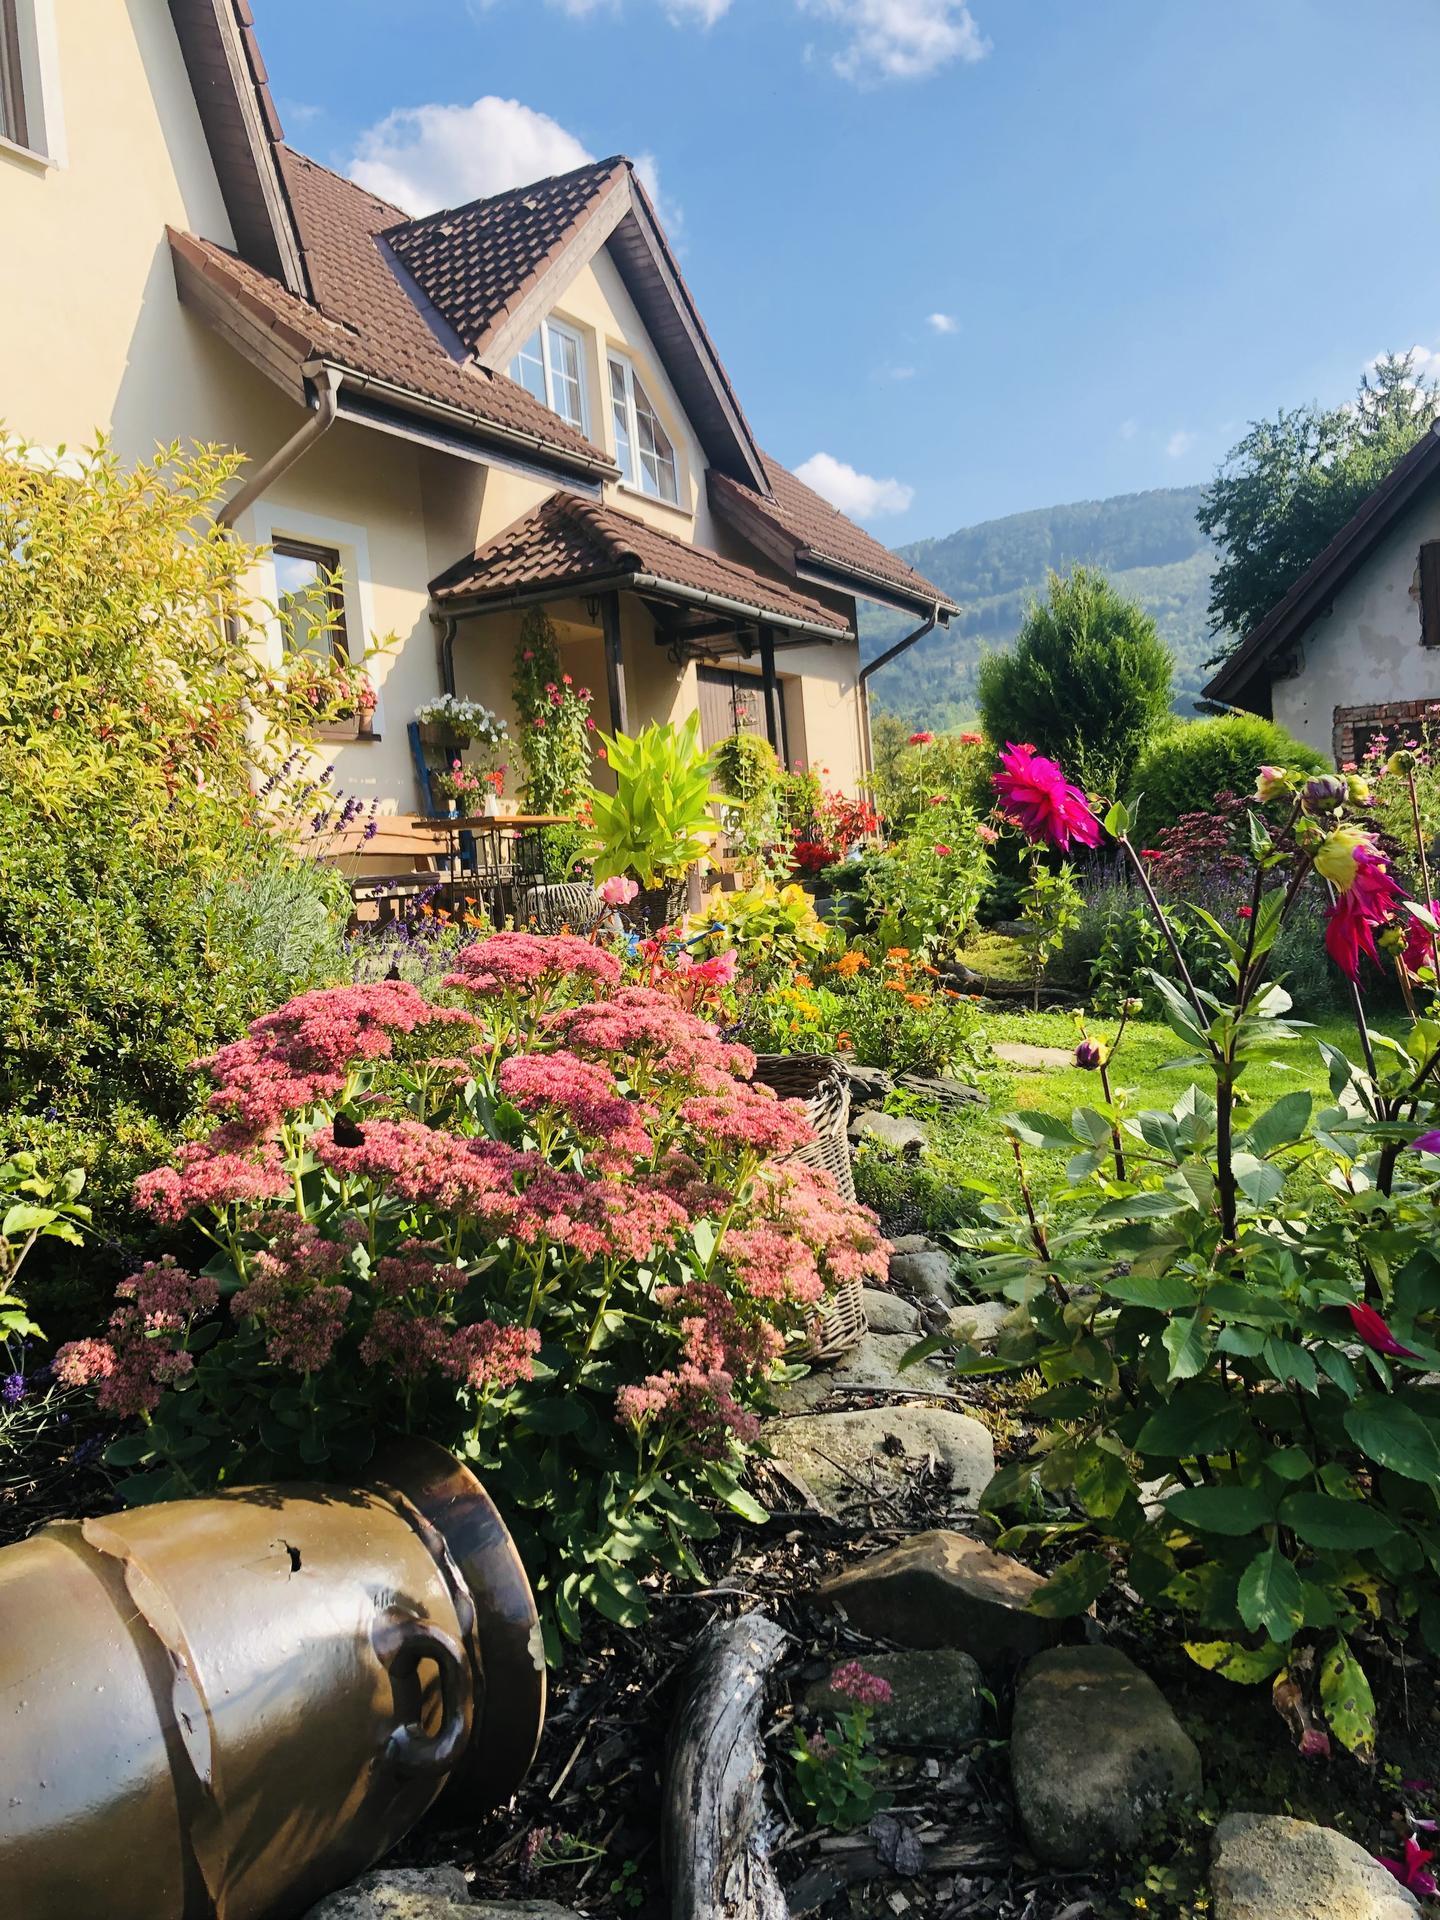 U nás doma a na zahradě 2021 - Obrázek č. 110